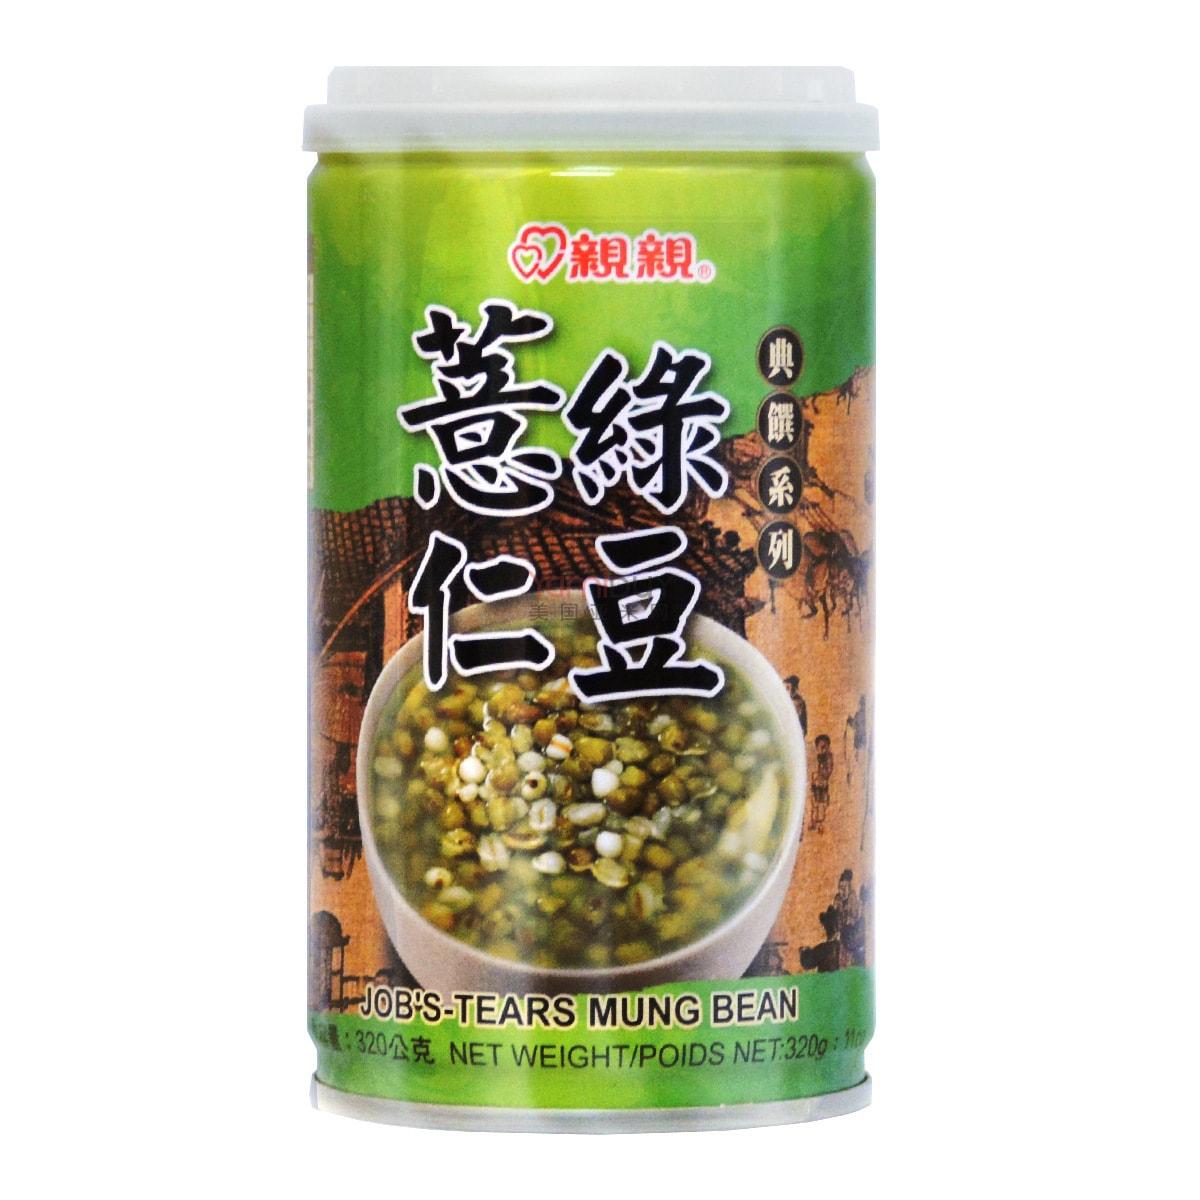 台湾亲亲 典选系列 薏仁绿豆 320g